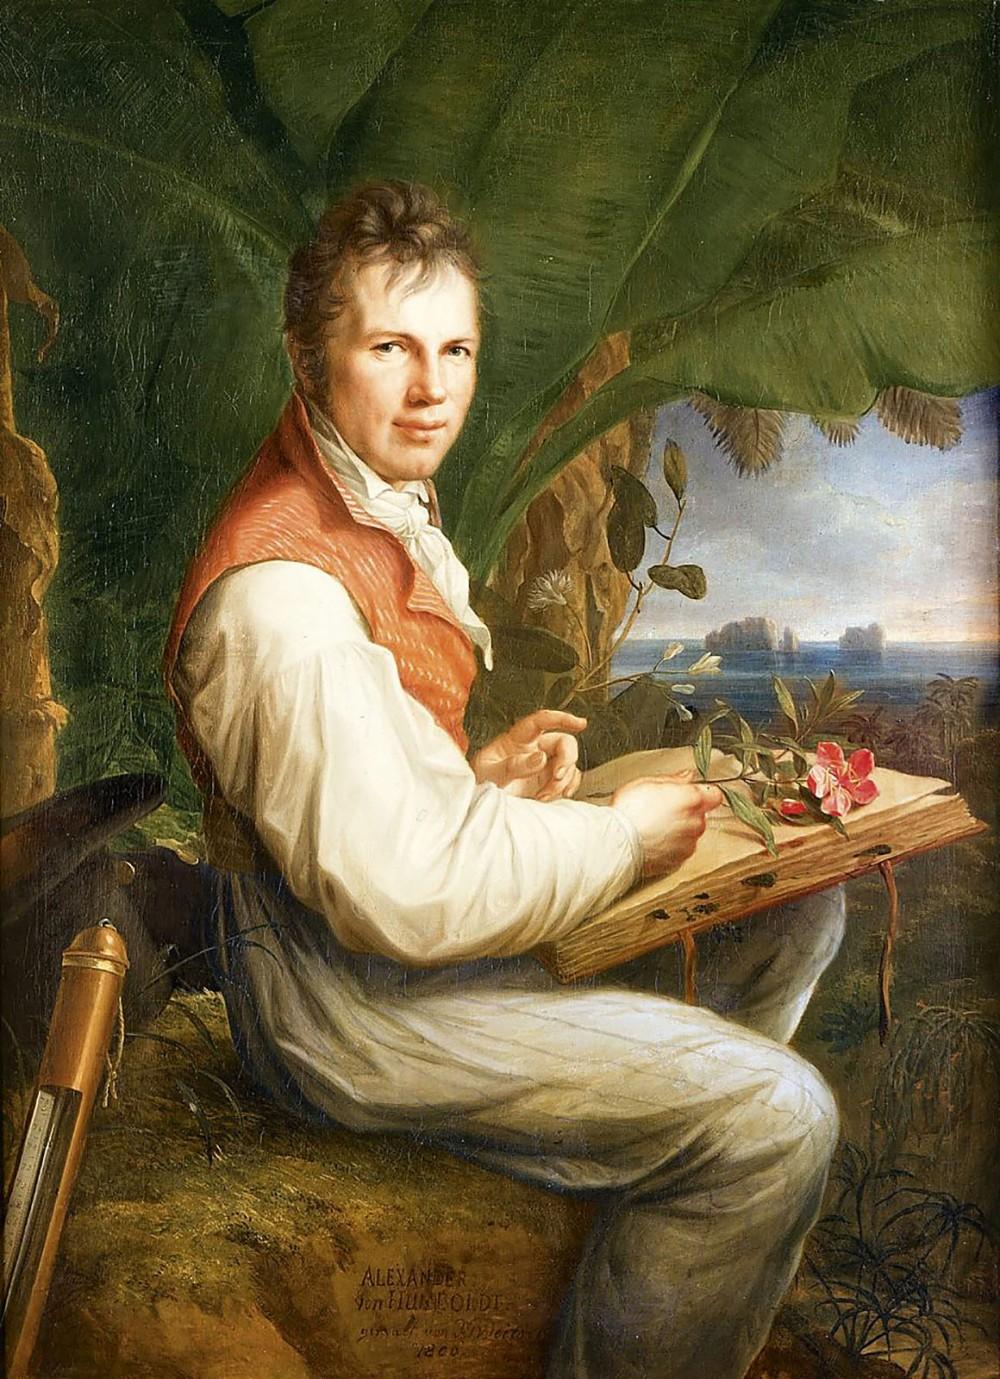 Friedrich Georg Weitsch. Retrato de Alexander von Humboldt. 1806.